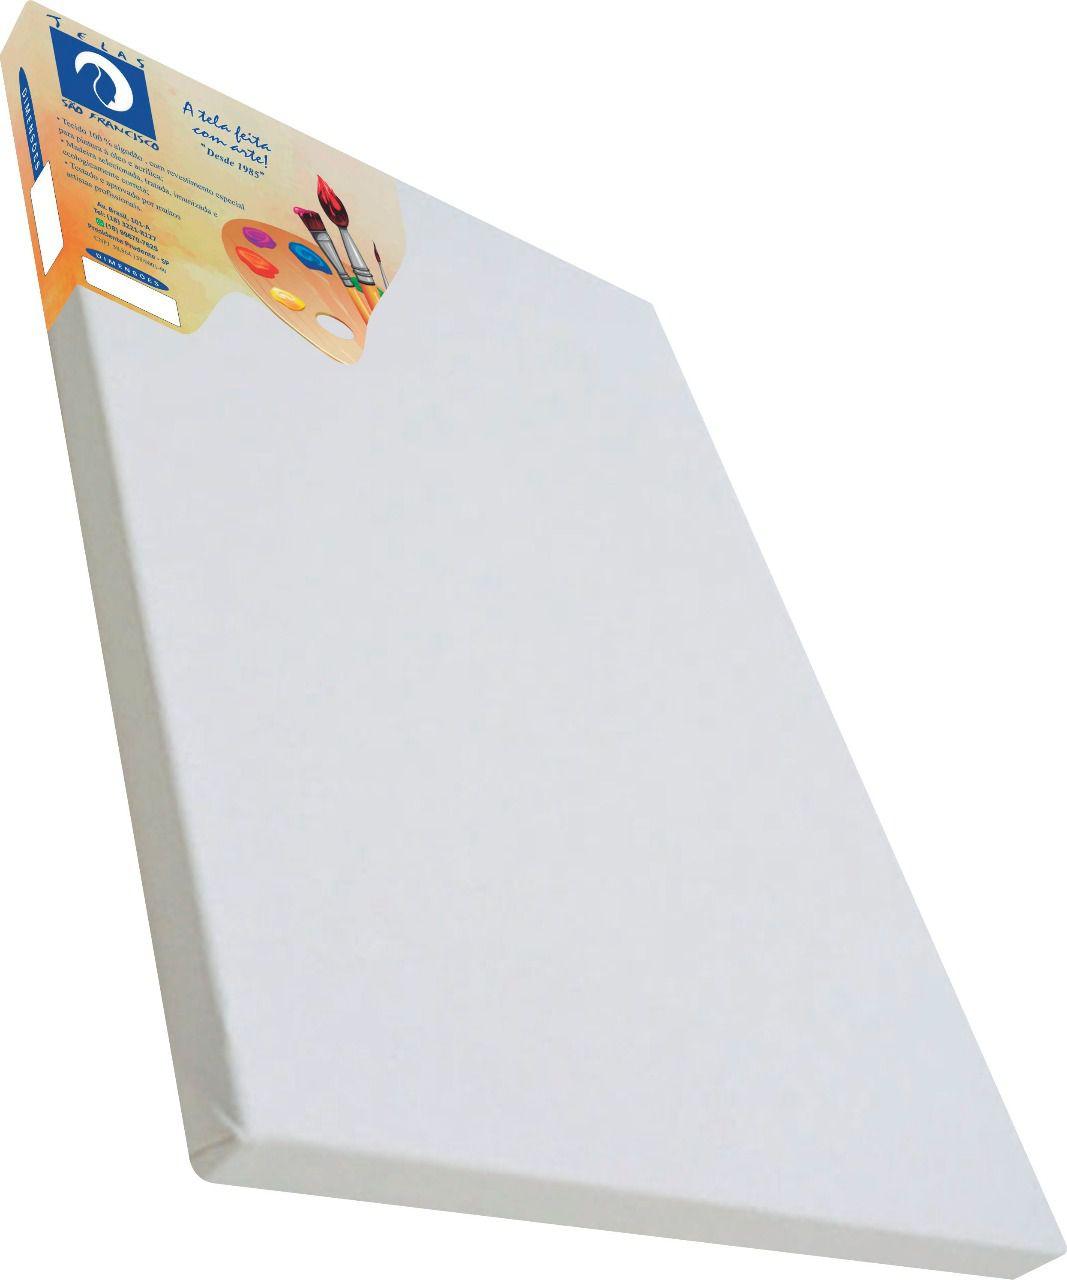 Tela comum para pintura 24x30cm - São Francisco